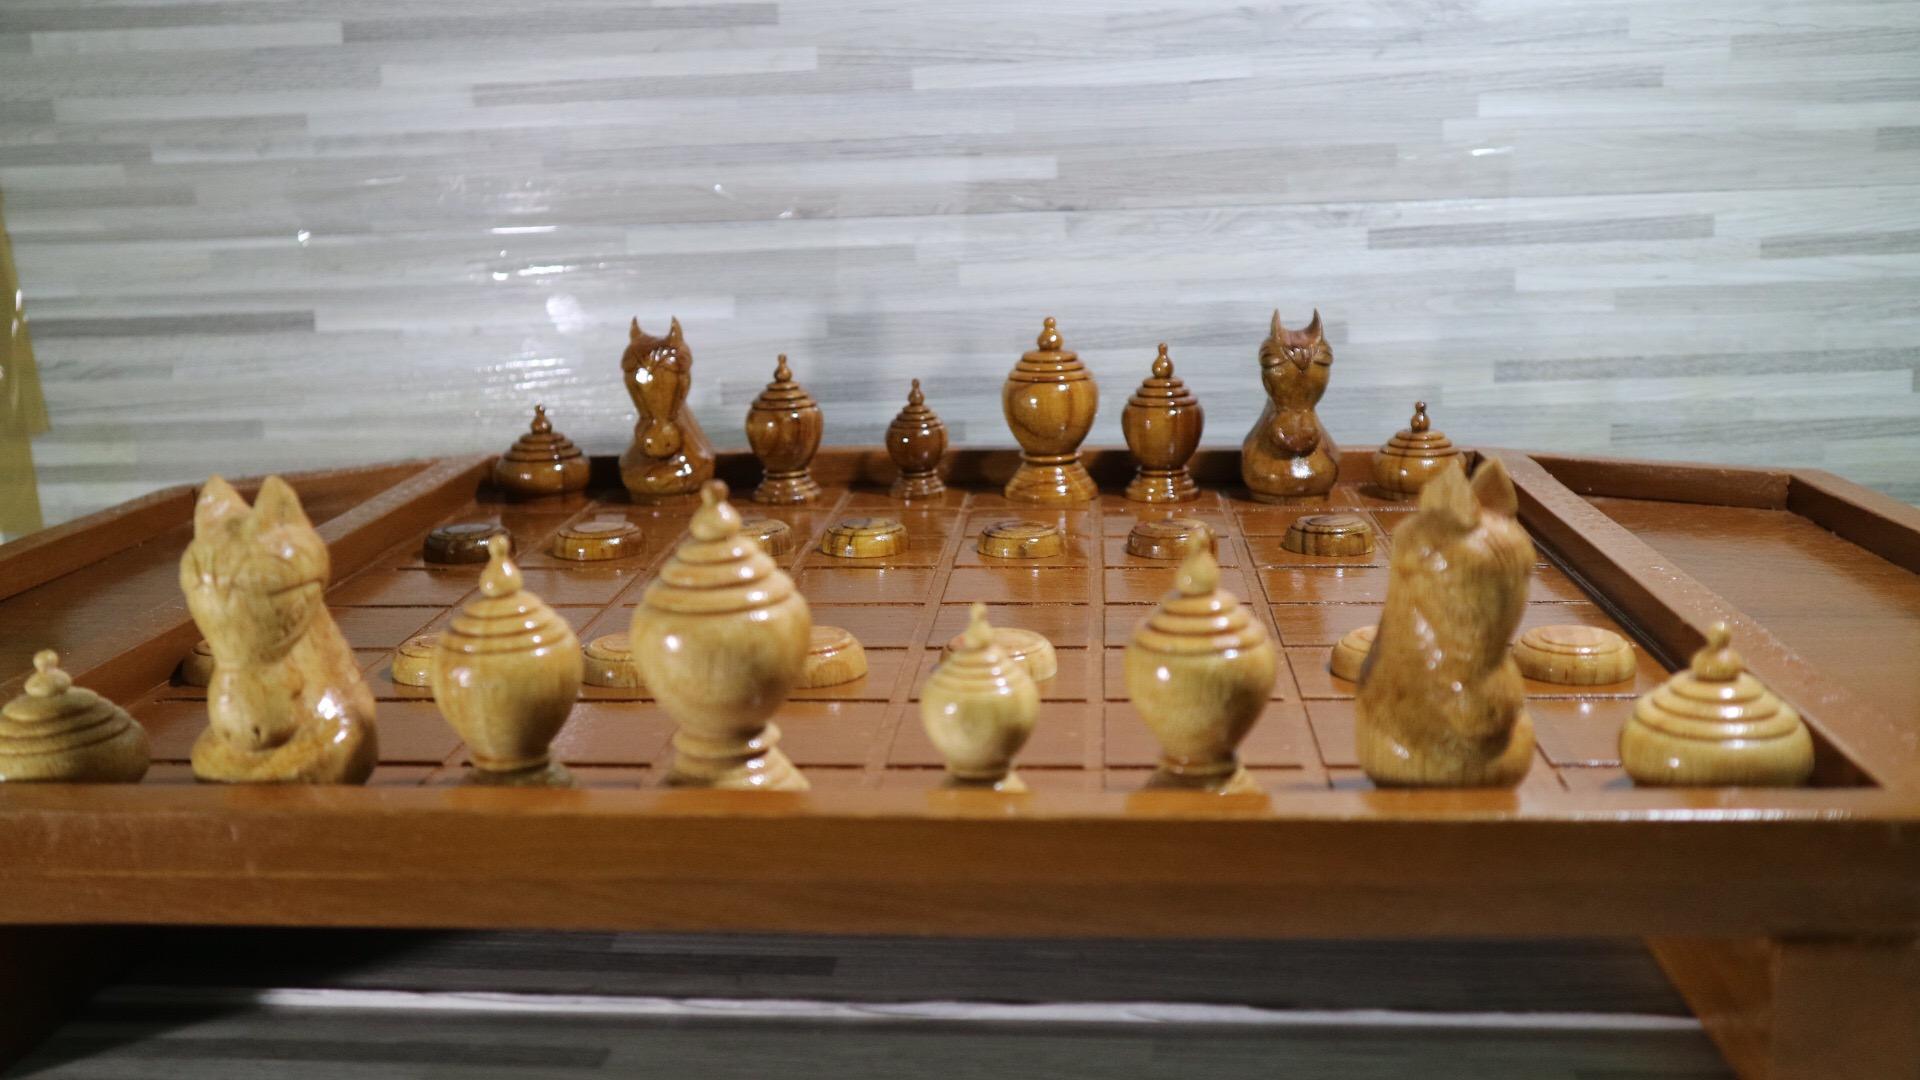 ชุดกระดานหมากรุกไทยพร้อมตัวหมากรุดชุดทรงมน